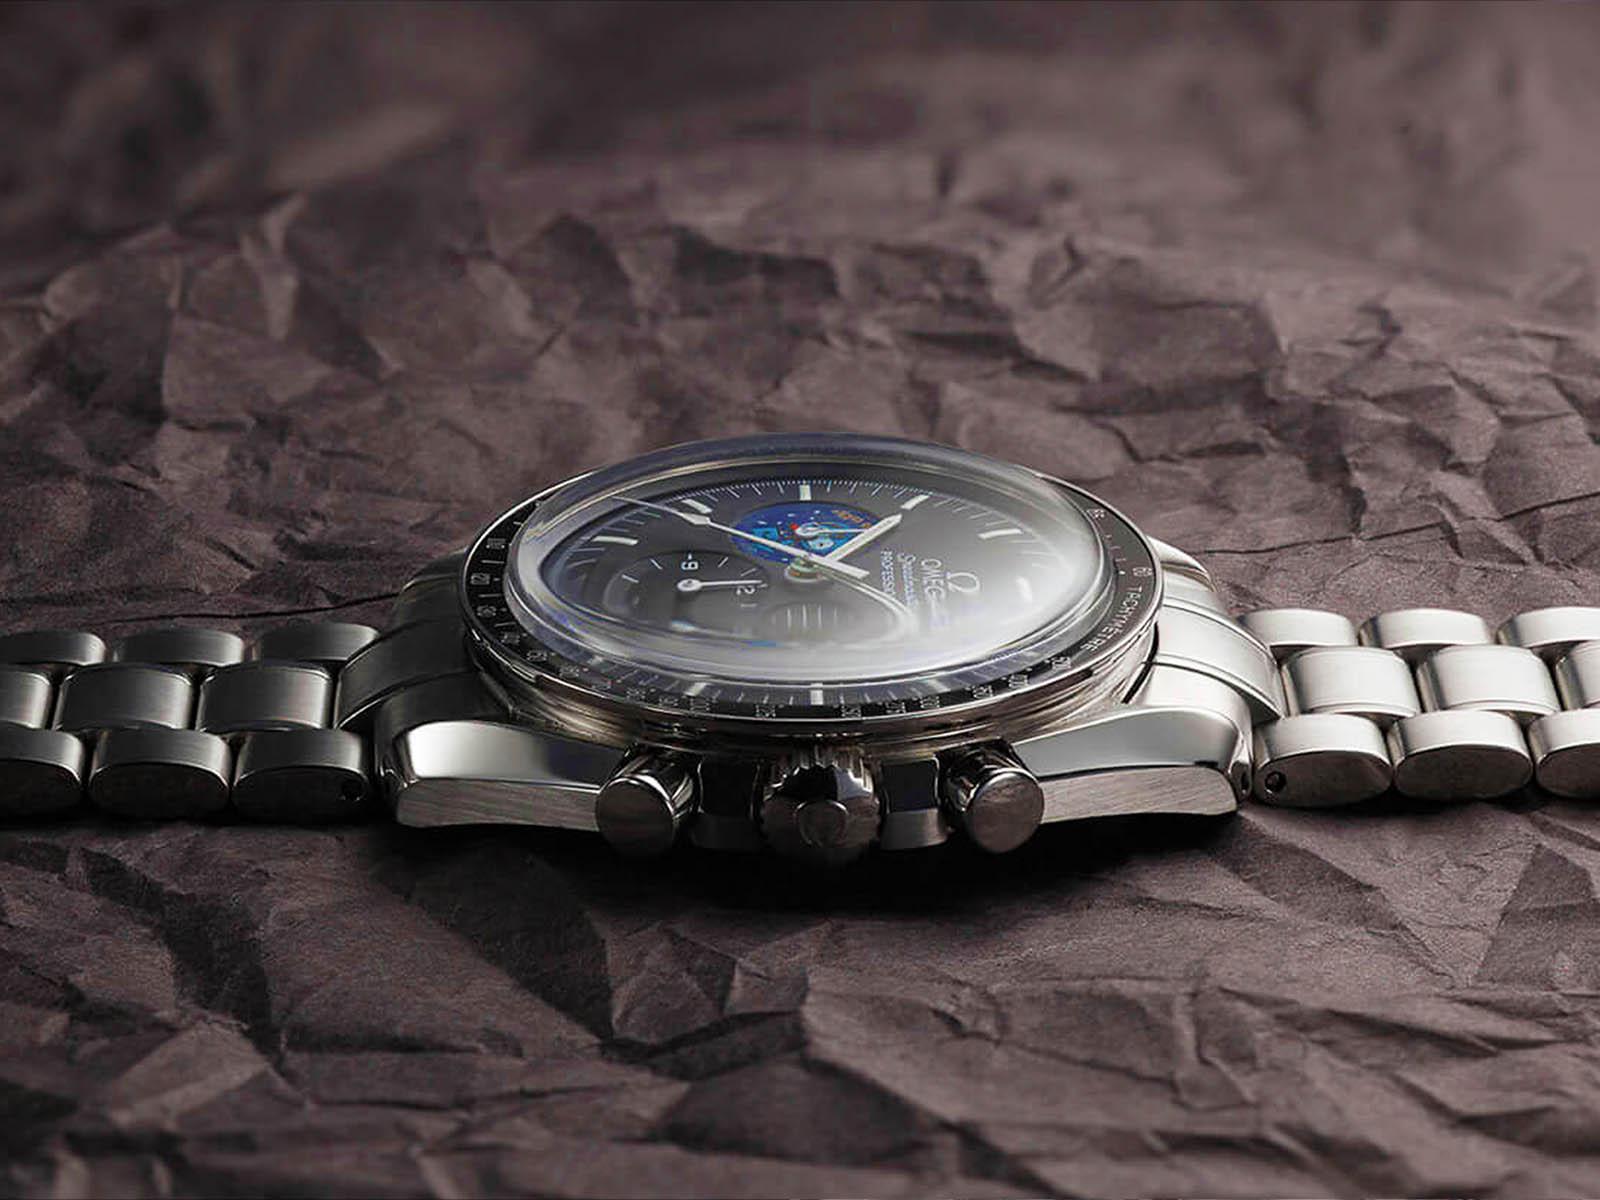 omega-speedmaster-professional-snoopy-7.jpg